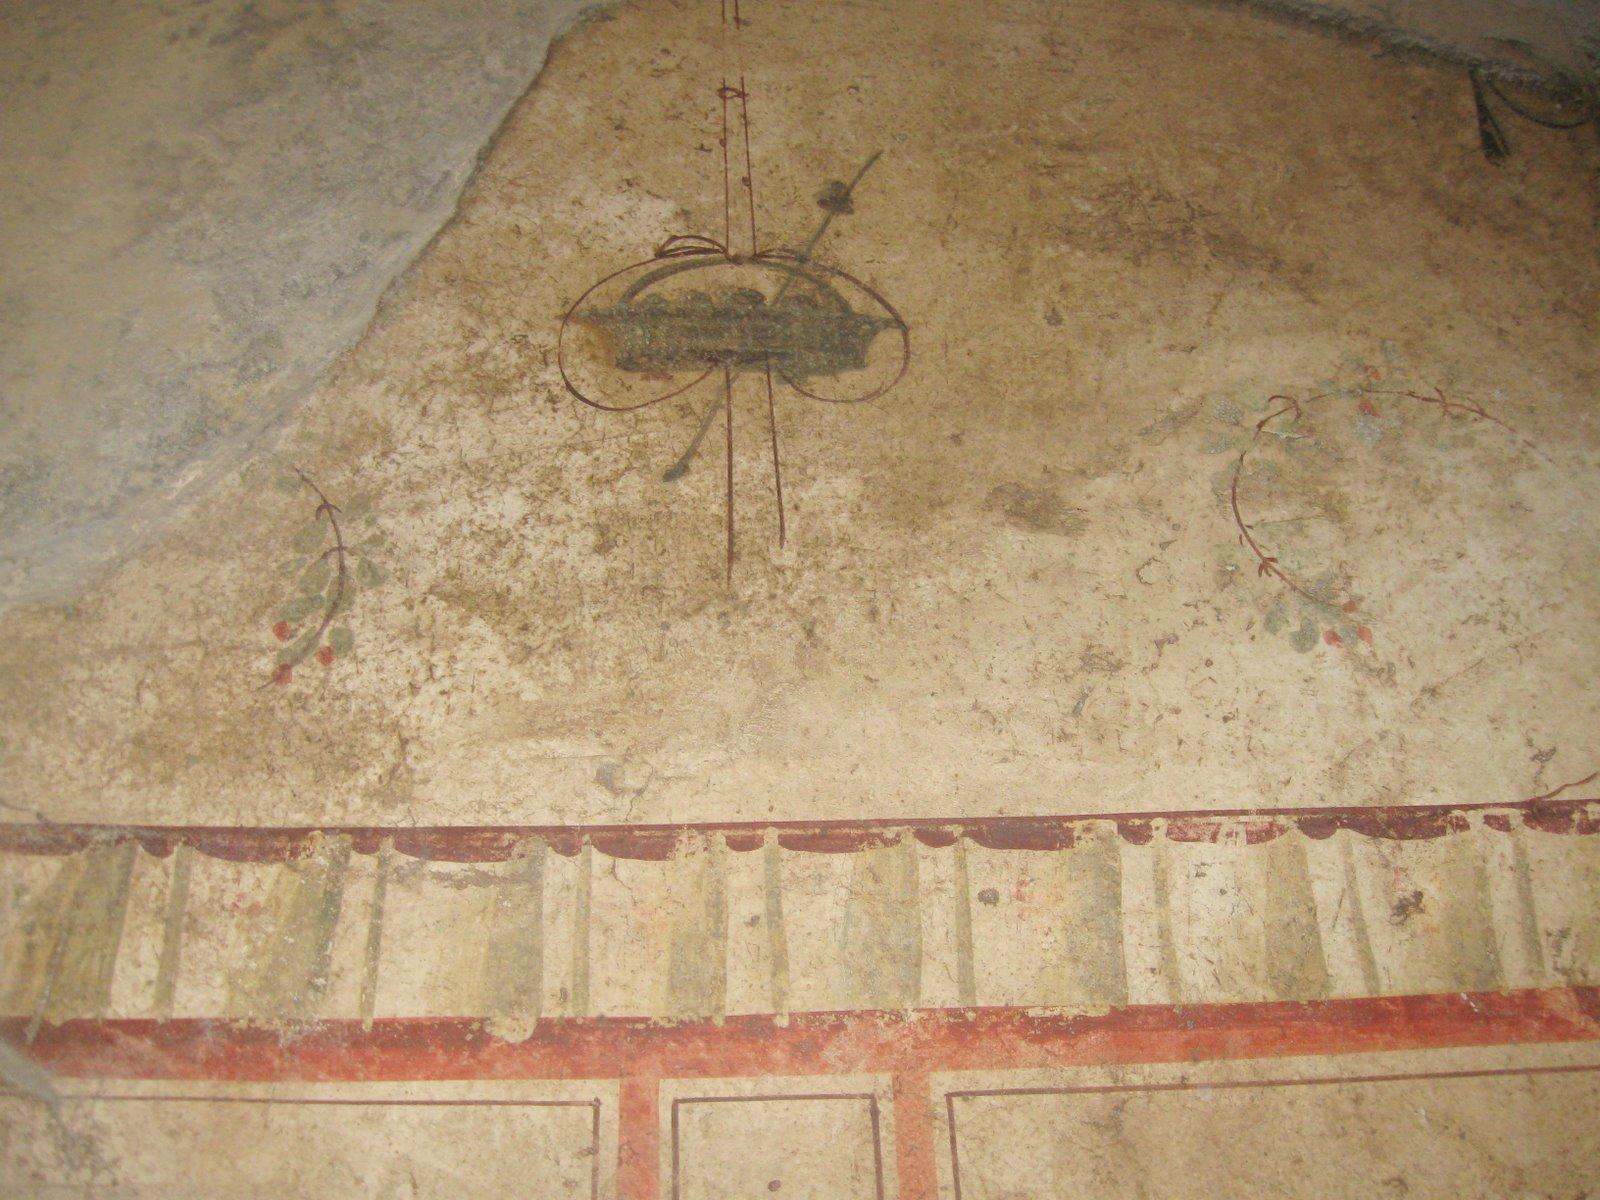 The Uncanny Investigator: Ancient Astronauts in Pompeii?